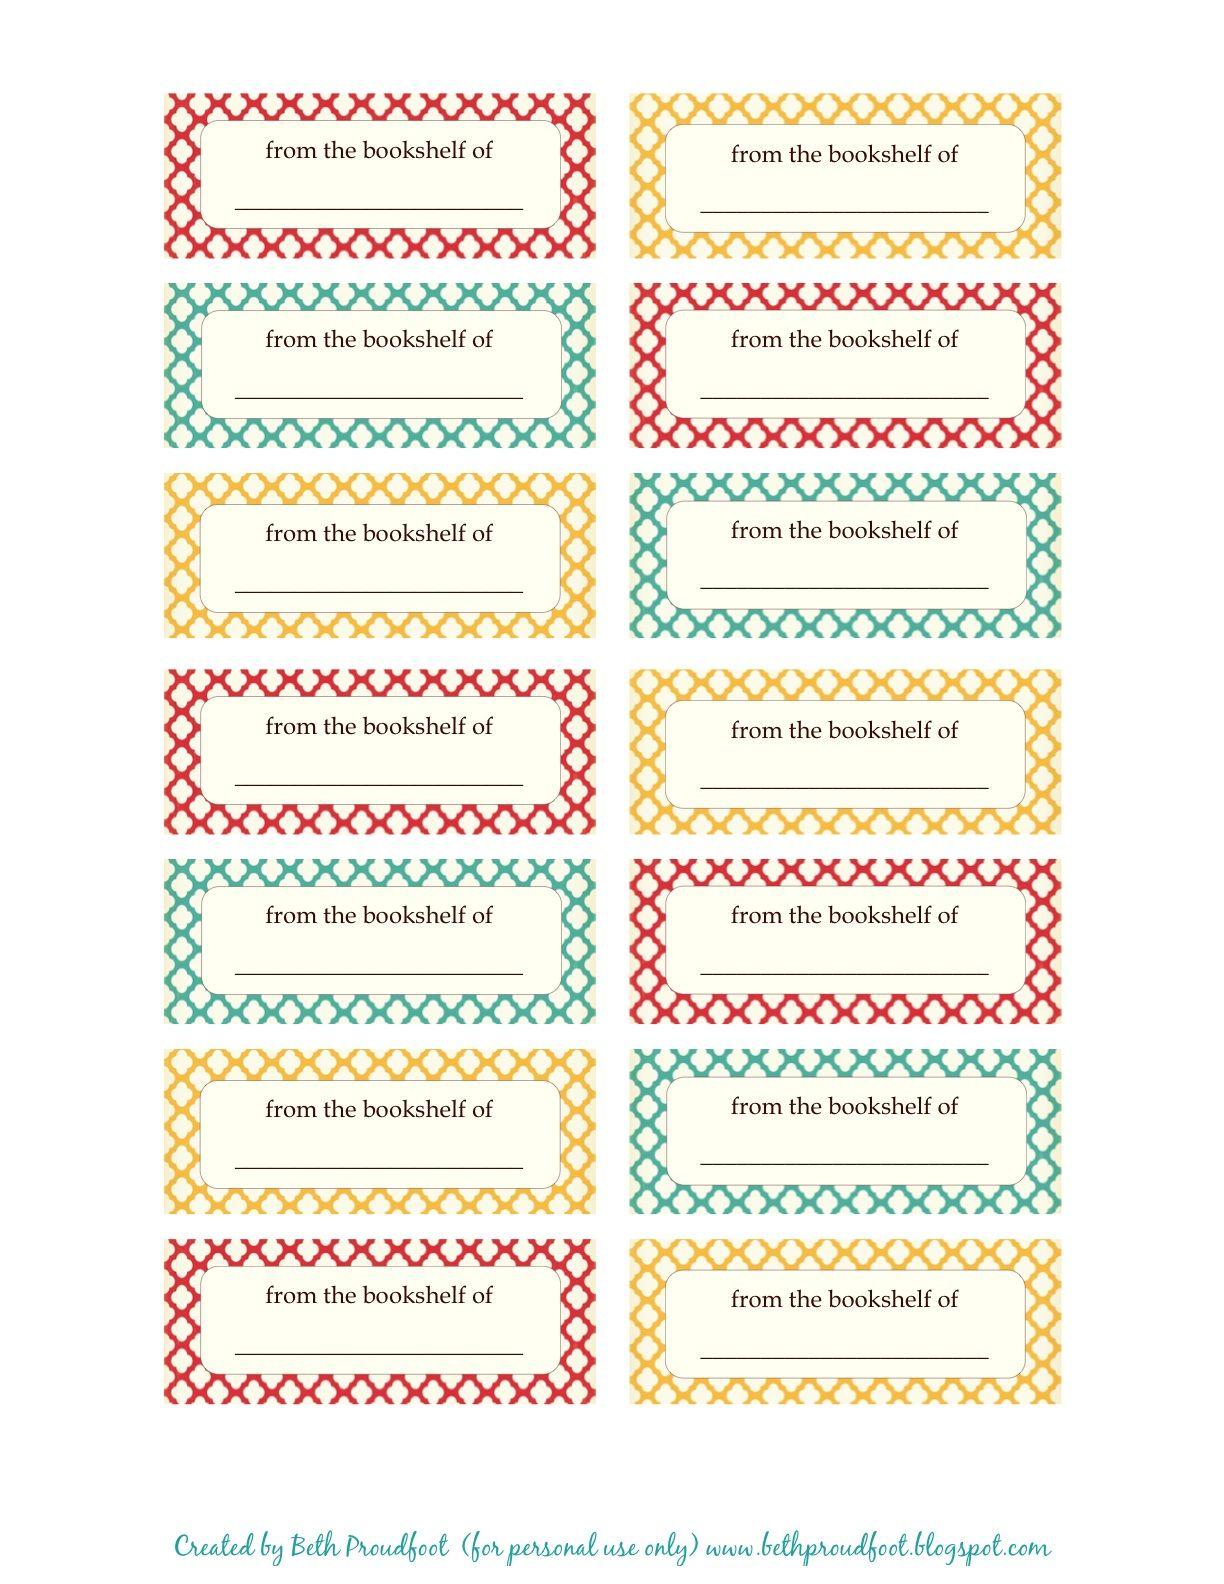 Free Print Book Labels